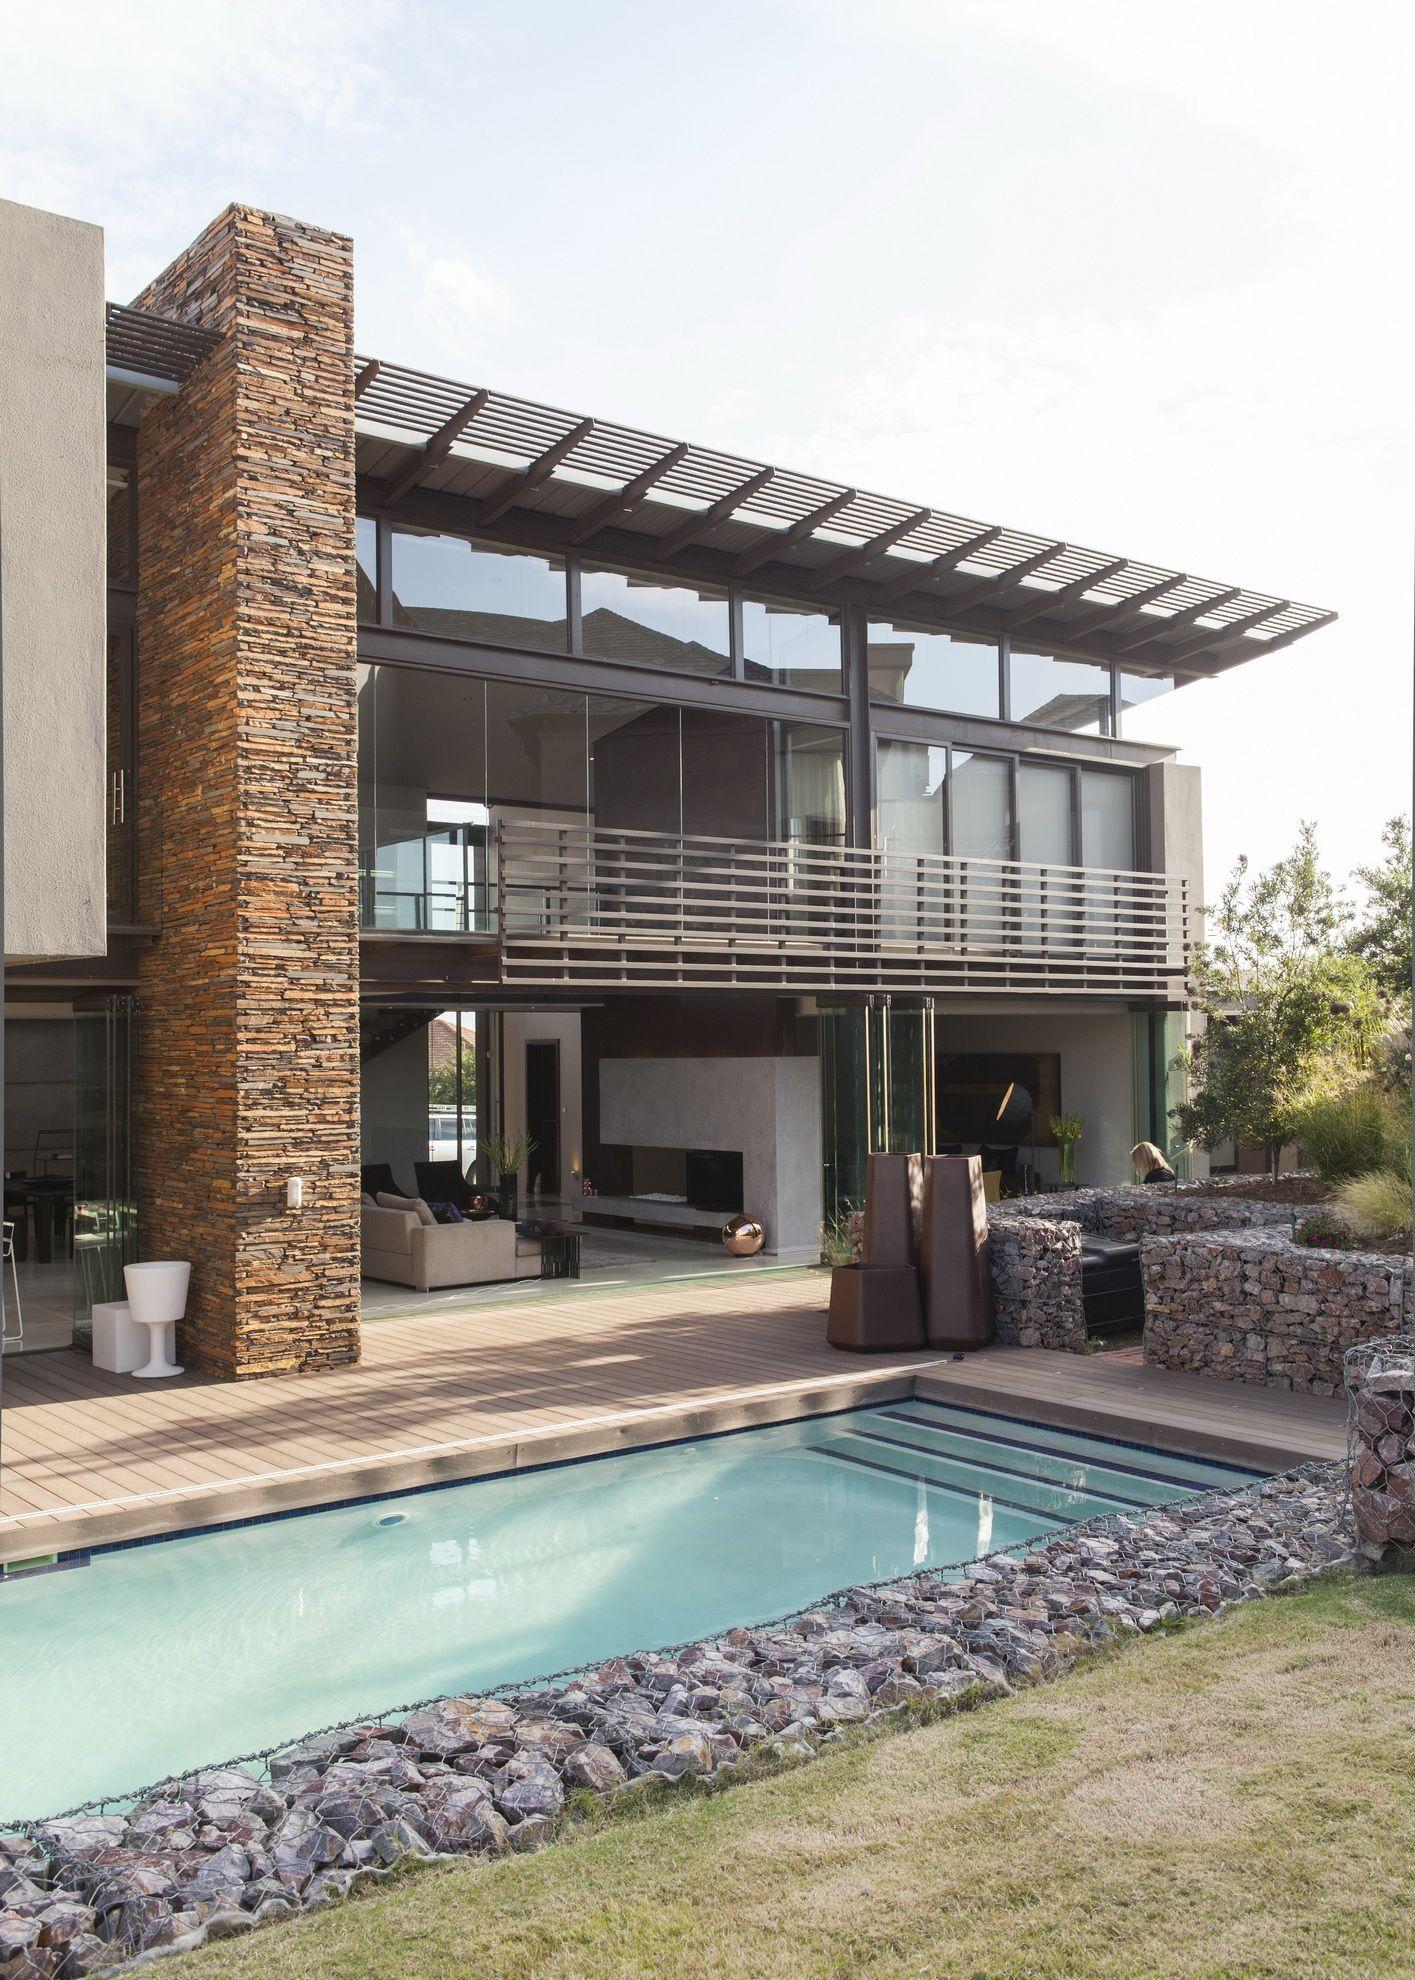 Superb House Duk Form Nico Van Der Meulen Architects Design Largest Home Design Picture Inspirations Pitcheantrous